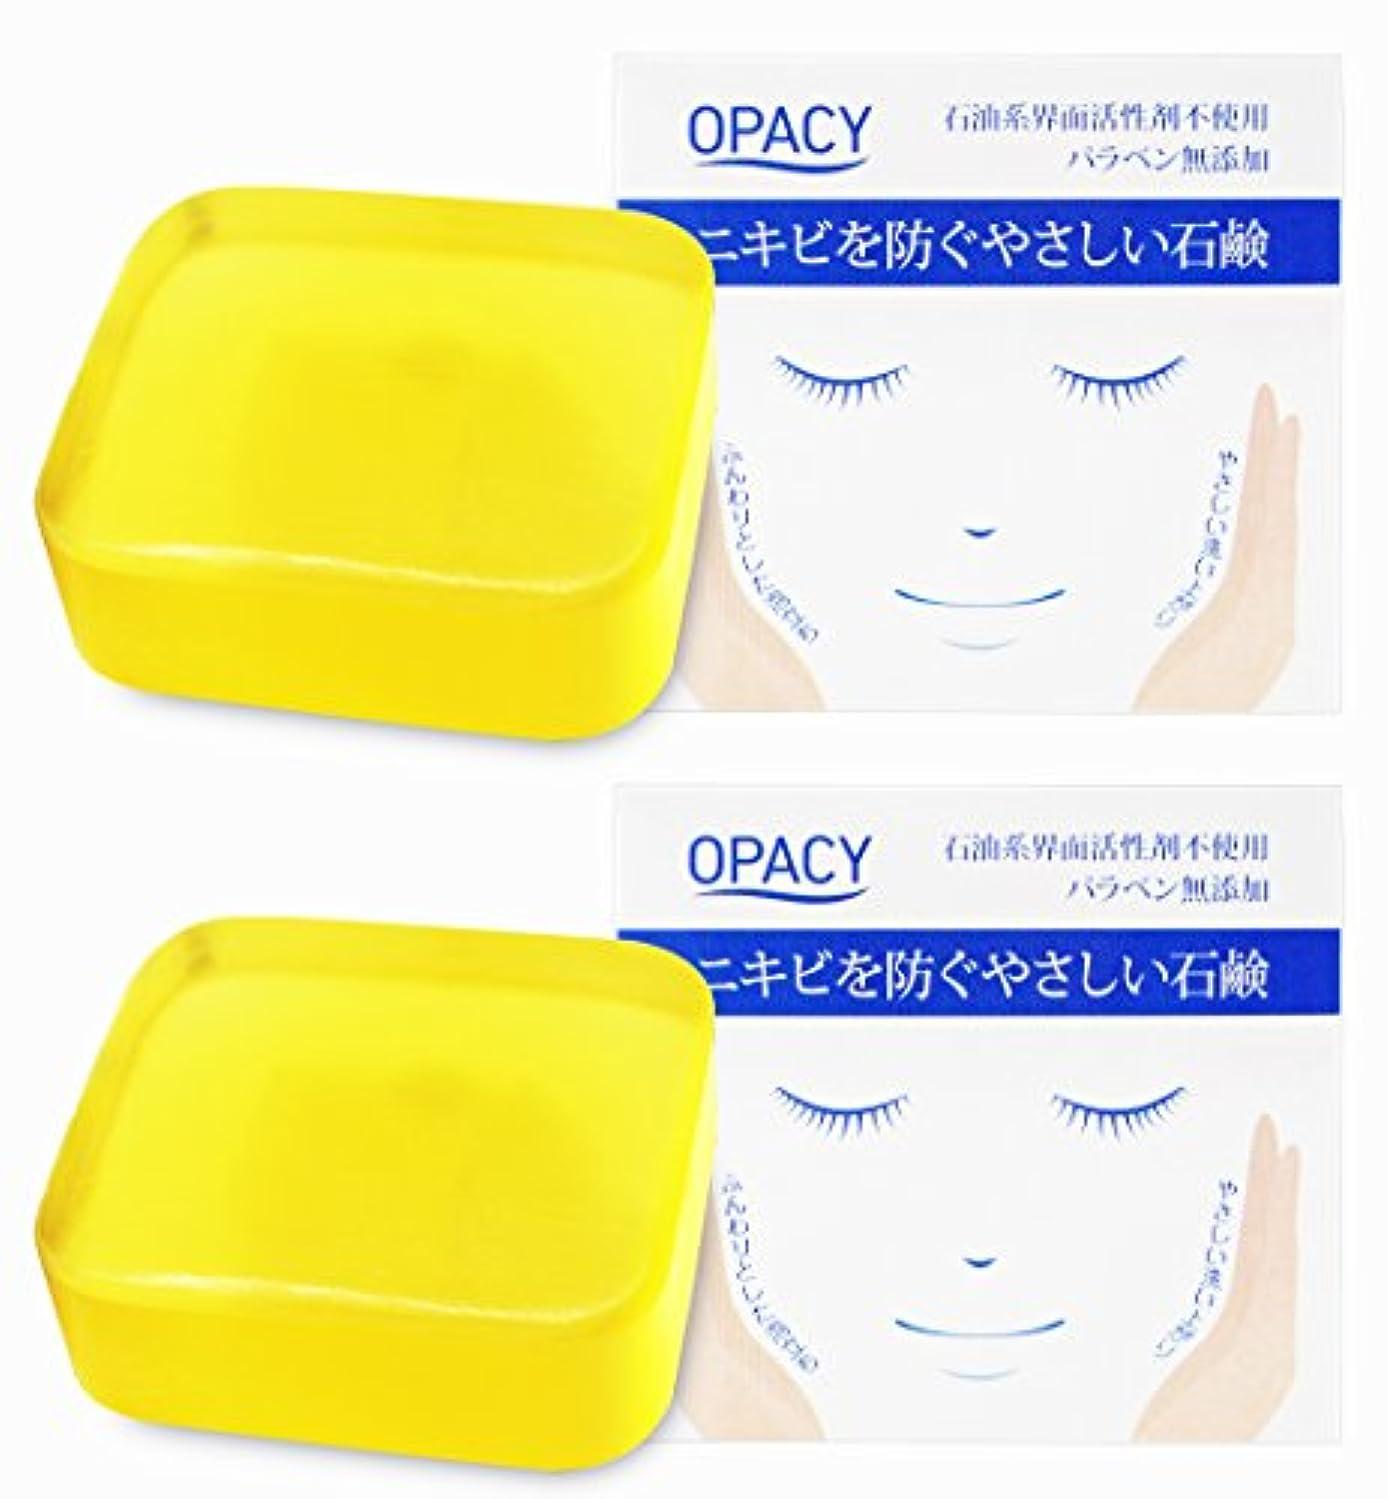 日付付きシエスタ天国【2個セット】オパシー石鹸100g (2個)